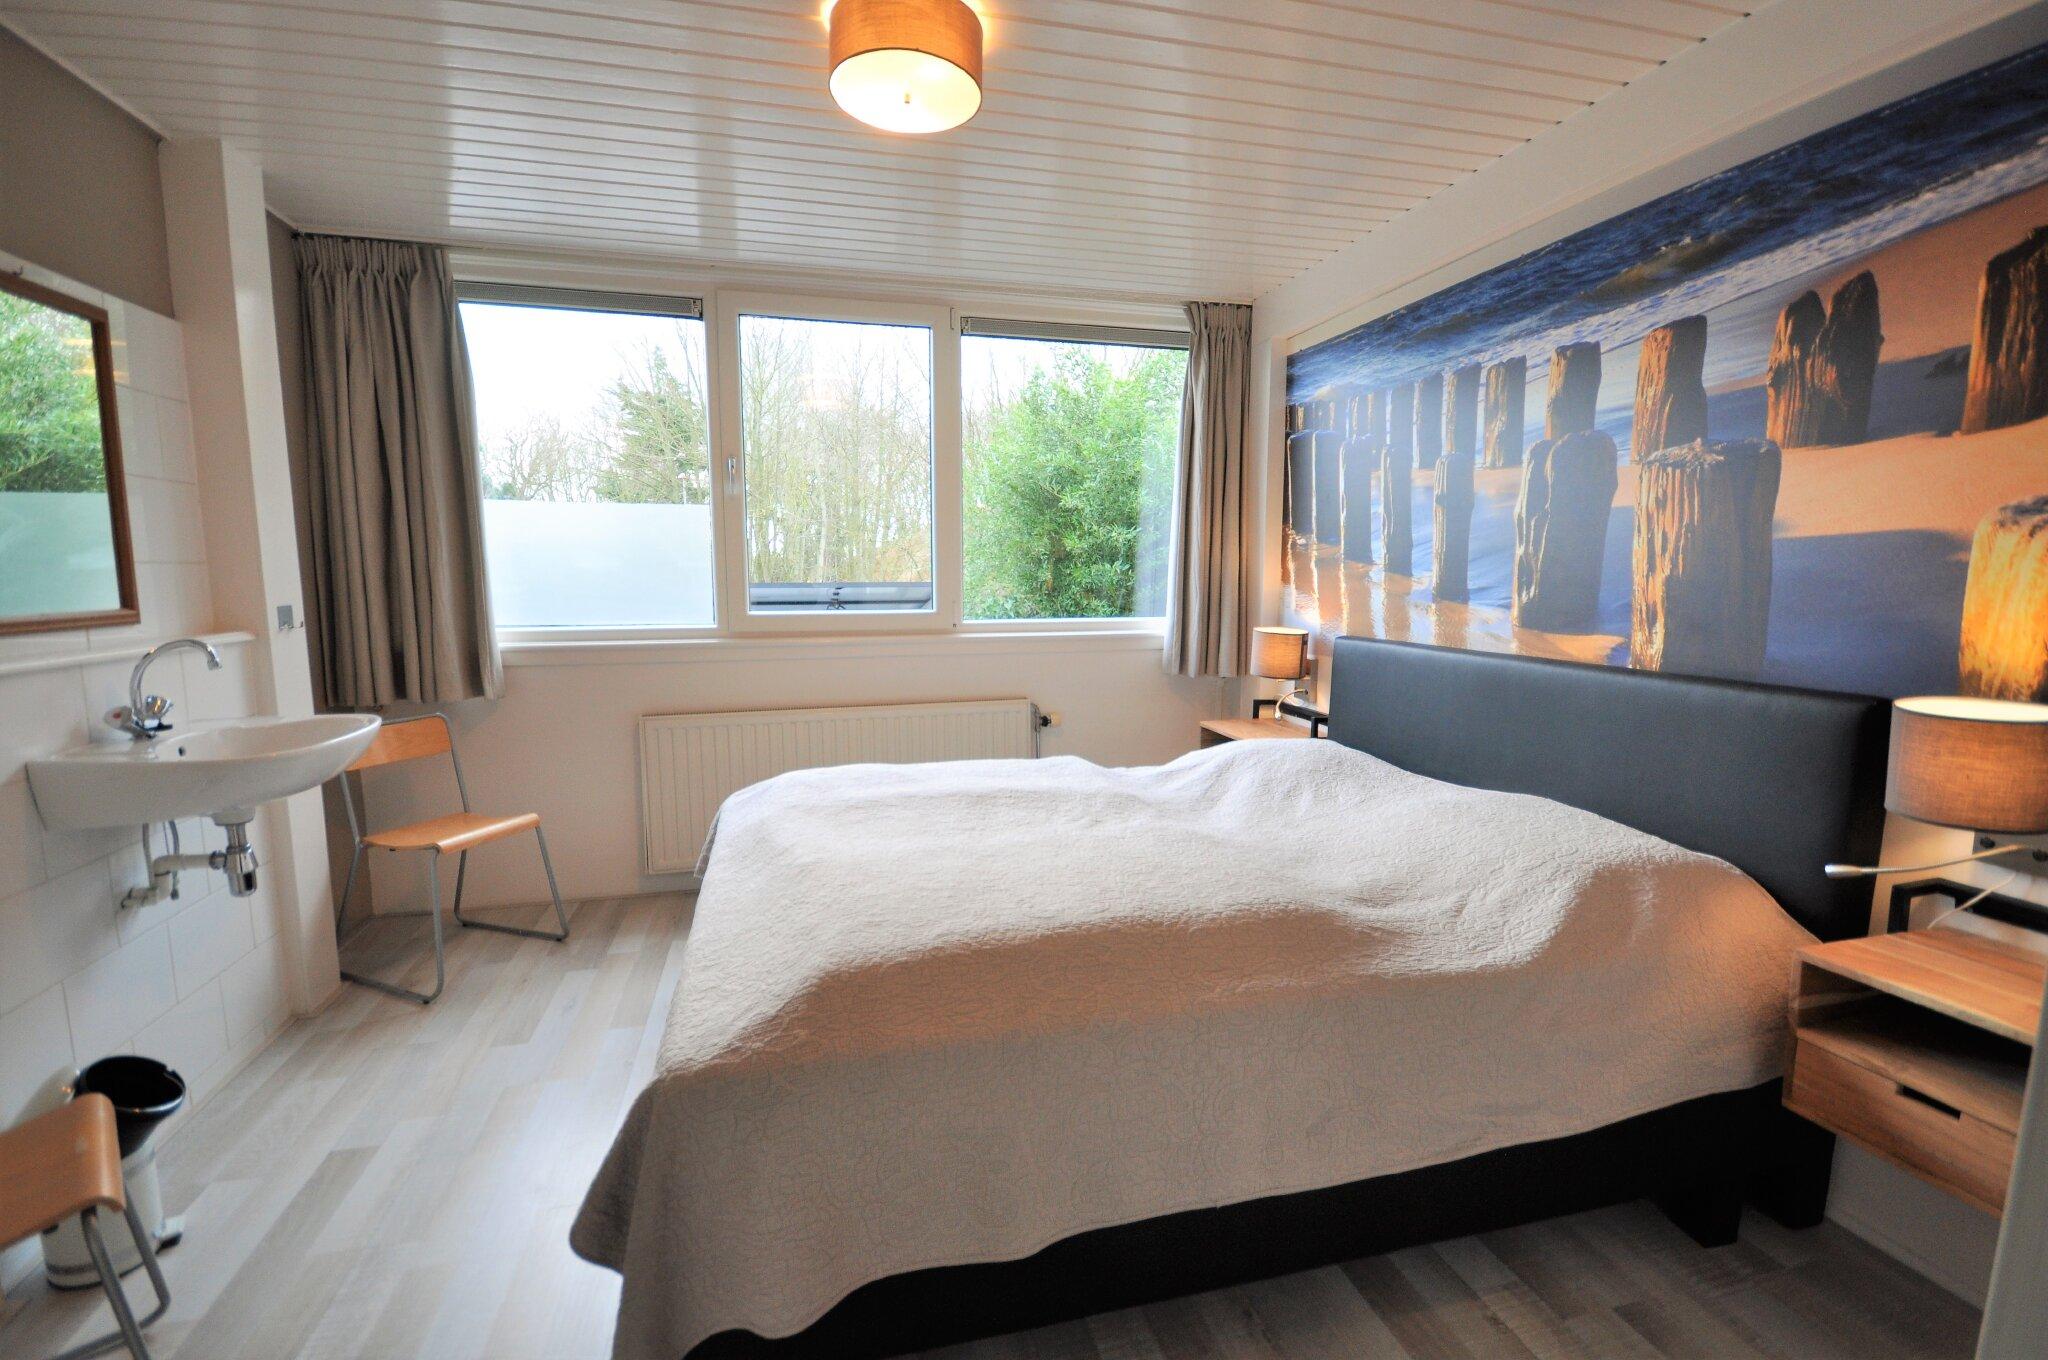 Mittelste Schlafzimmer in Flur nr. 116